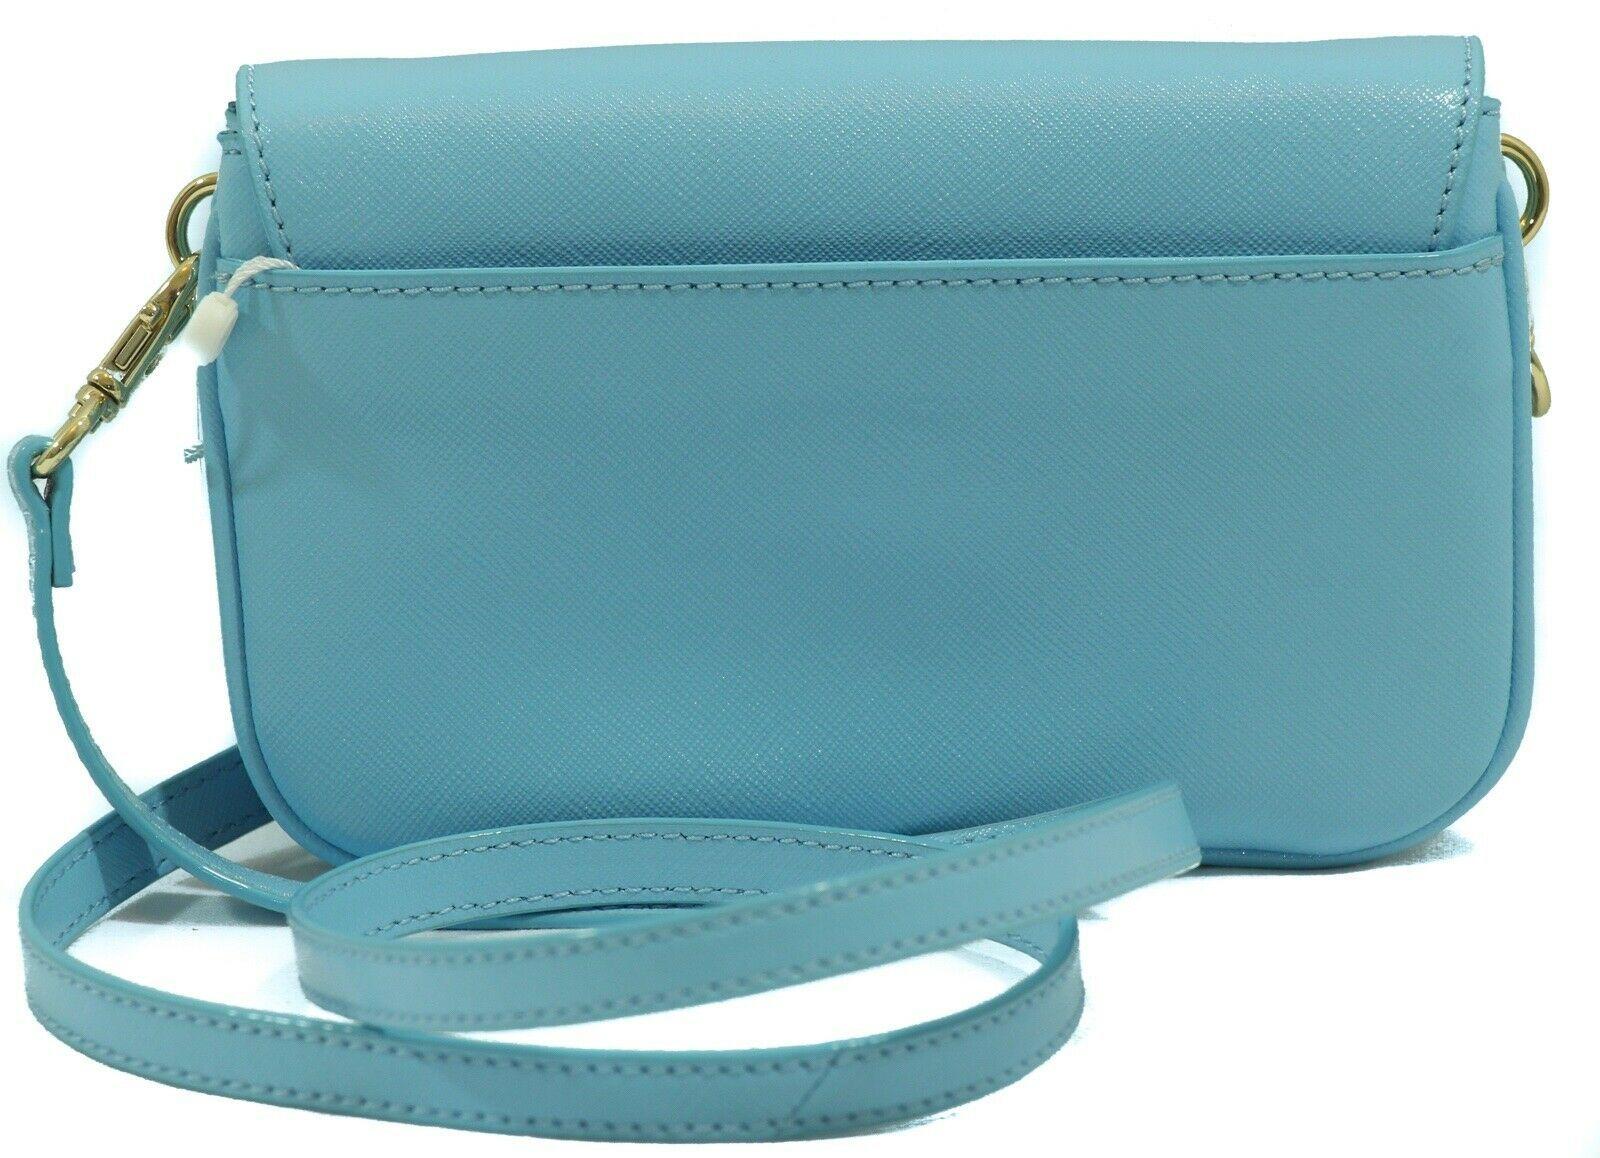 NWT TORY BURCH Robinson Crossbody Clutch Bag, Blue